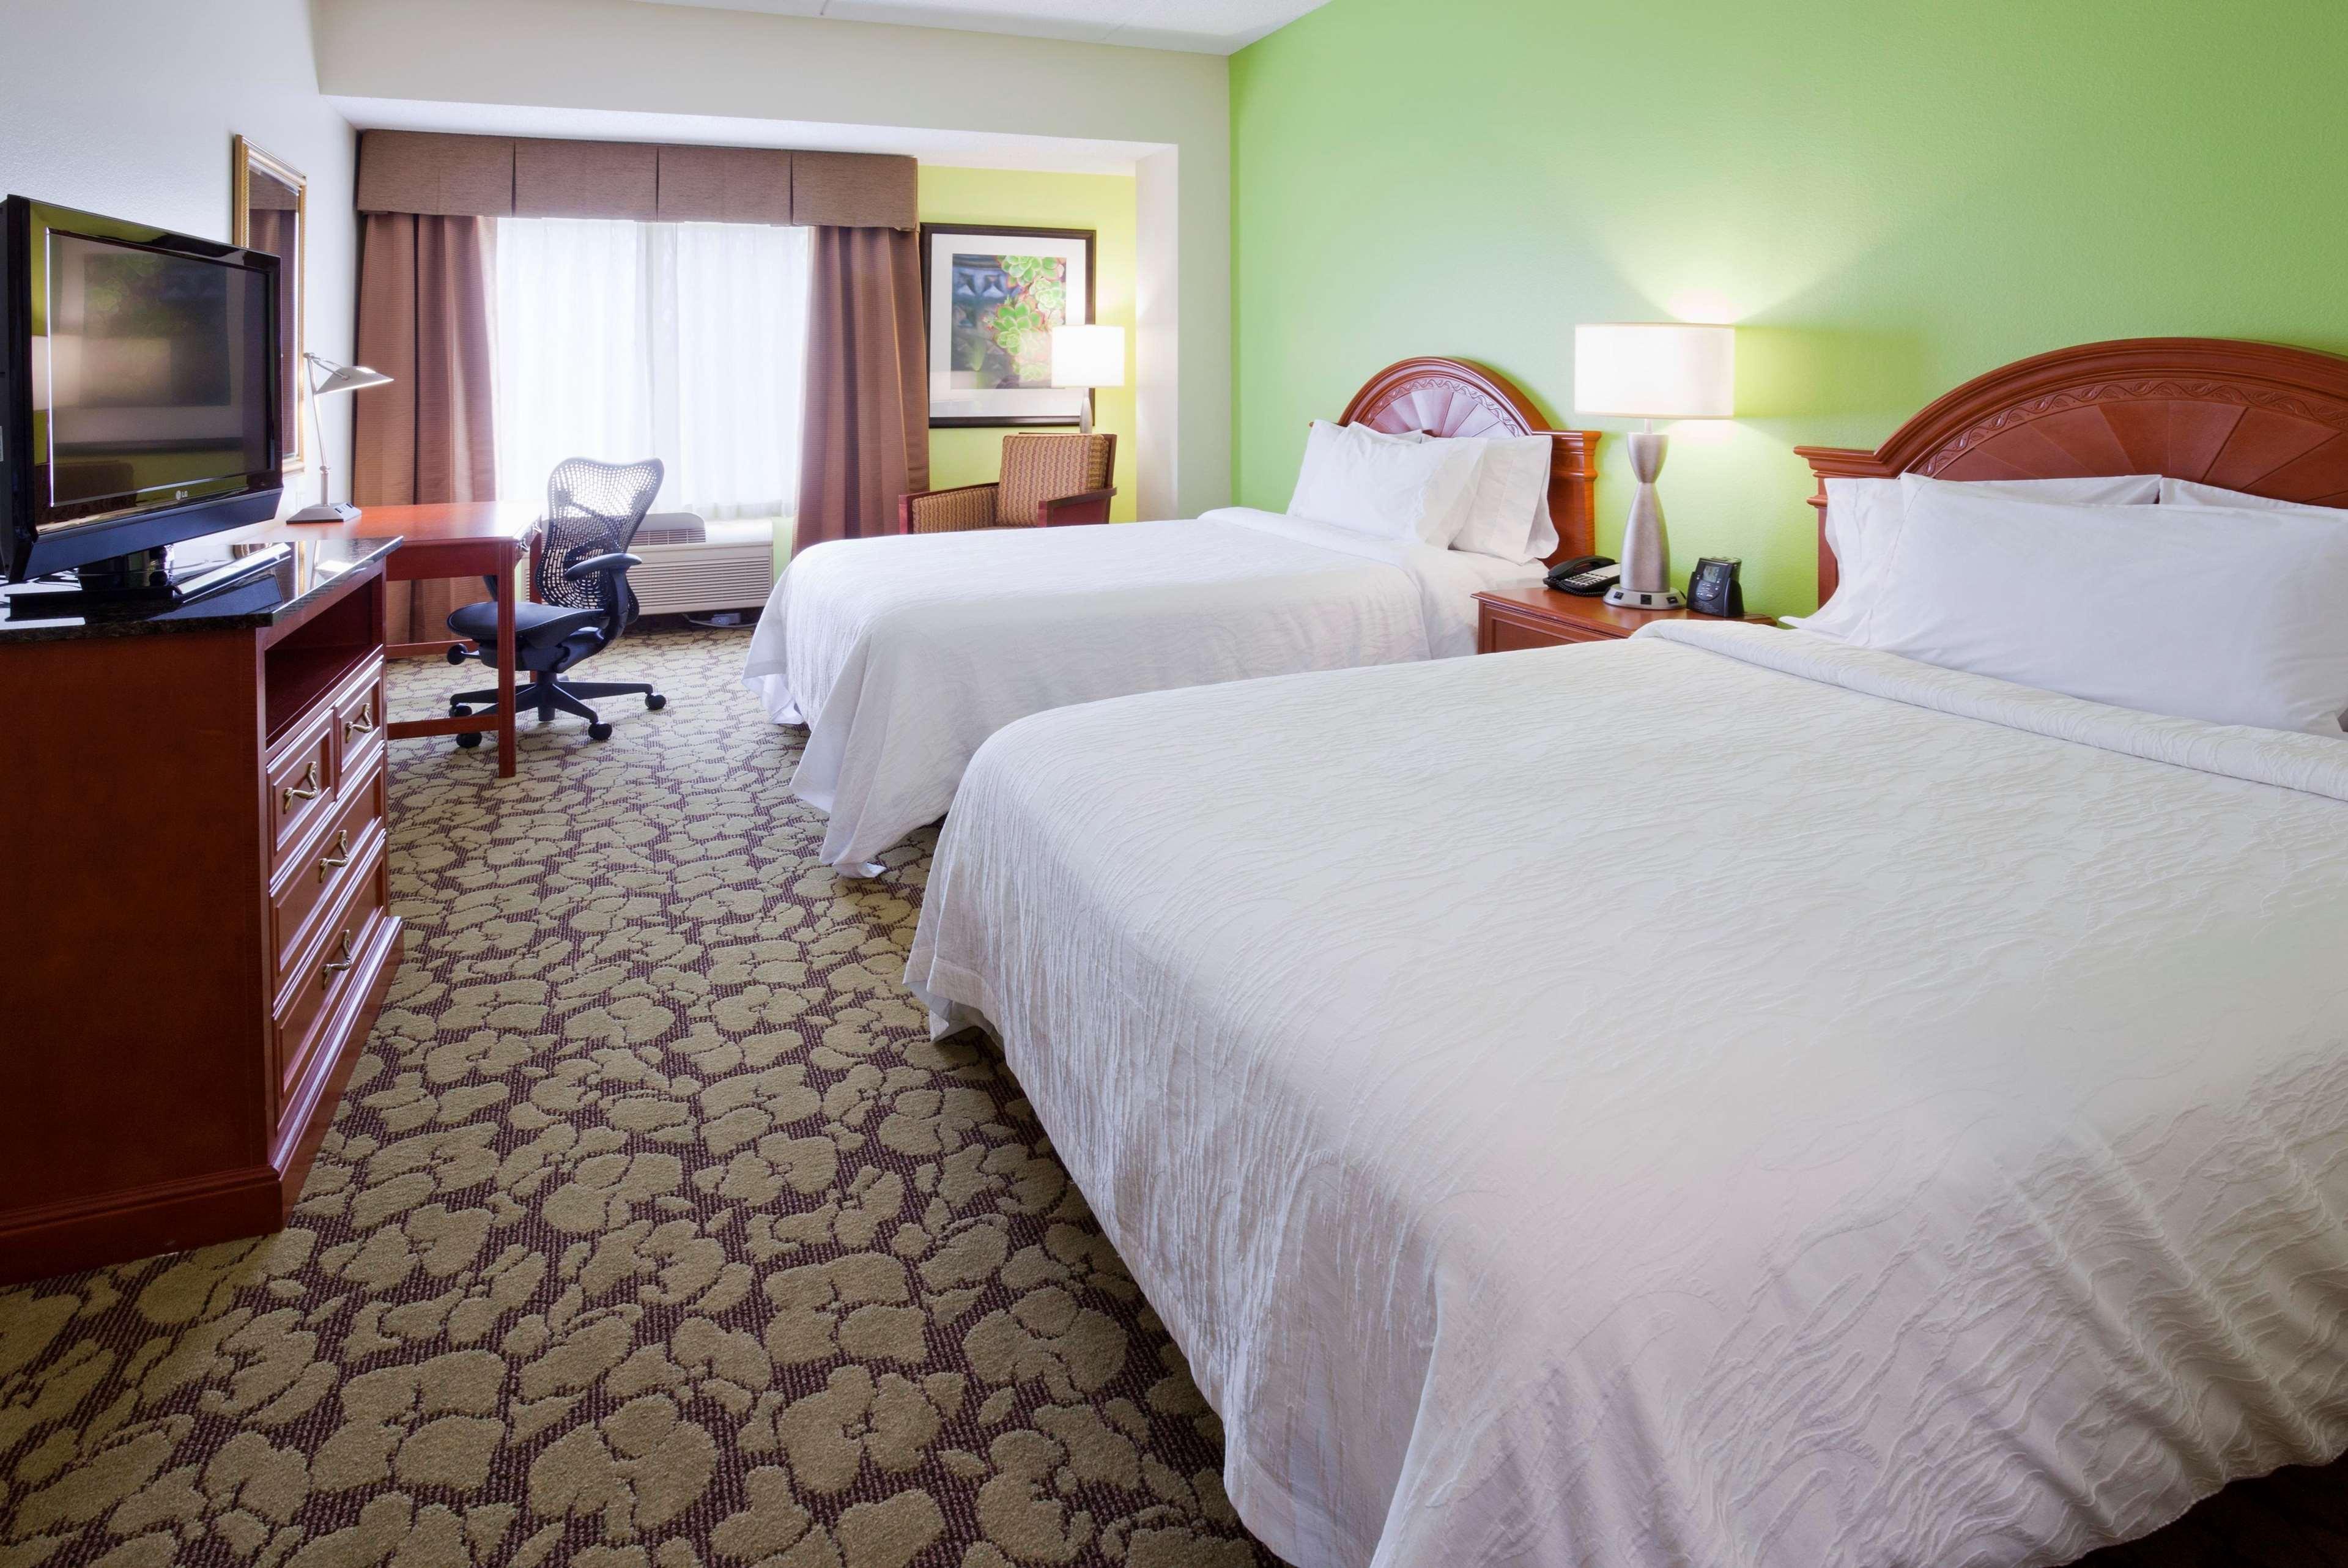 Hilton Garden Inn Minneapolis/Bloomington image 20